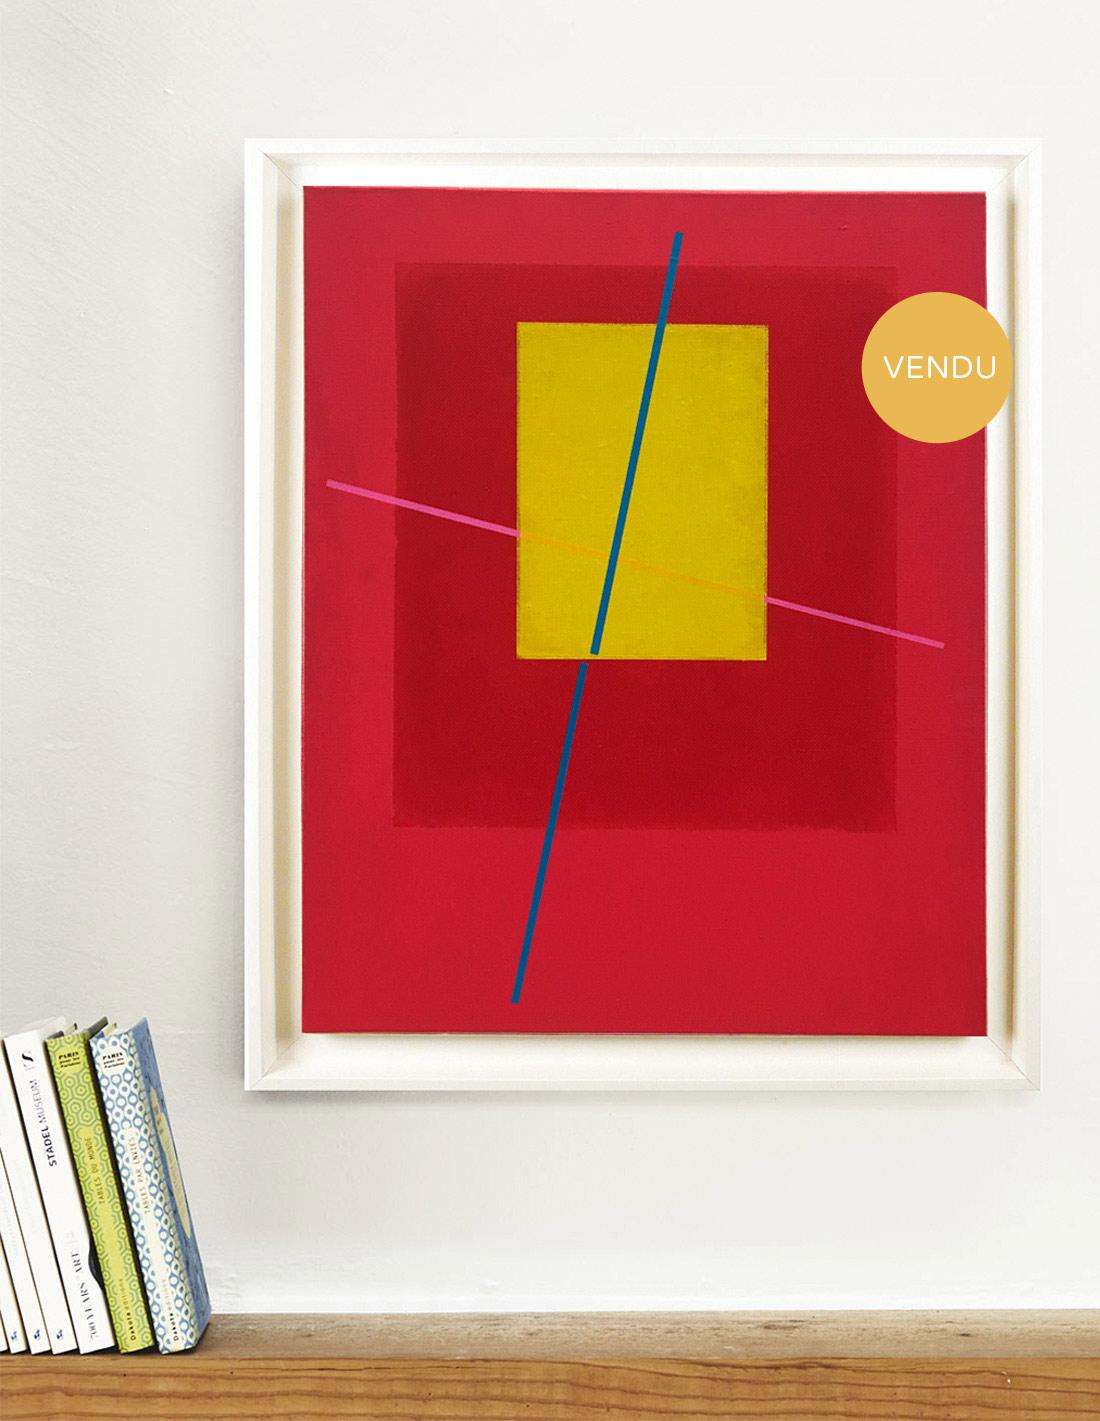 Rose-rectangle-jaune-bis-vendu